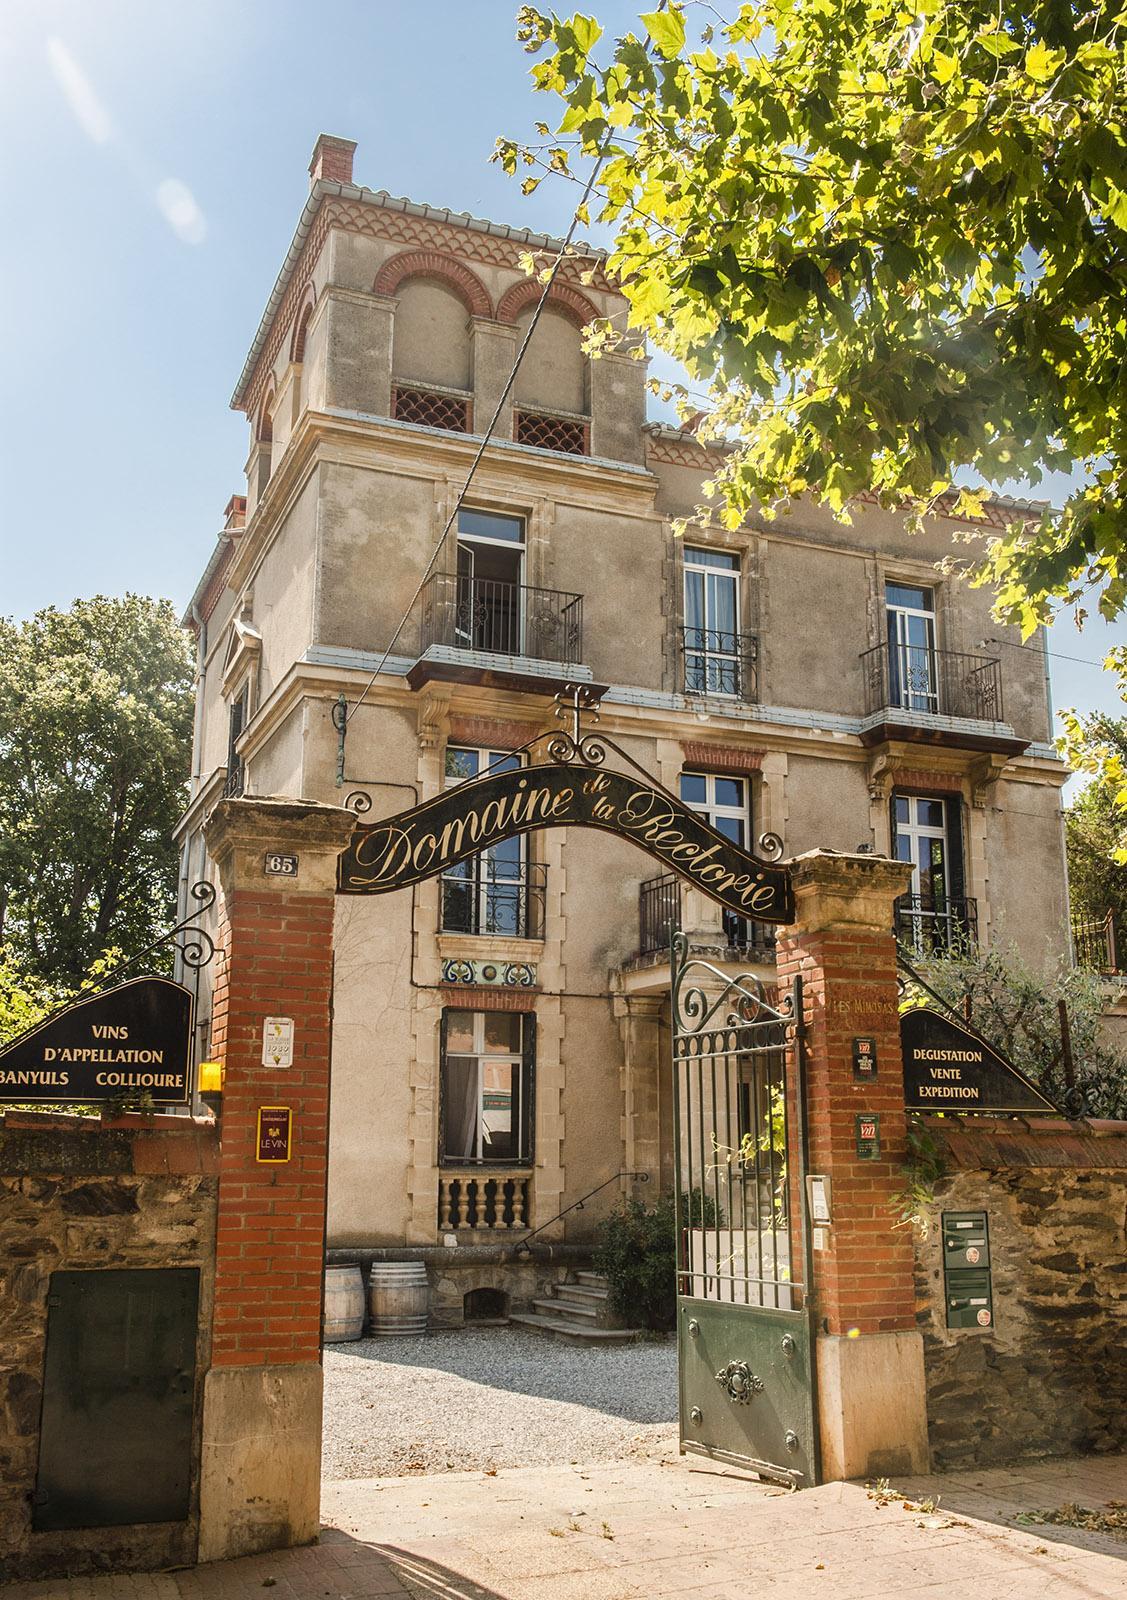 Côte Vermeille, Banyuls: Die Villa der Domaine de la Rectorie birgt im Innern eine Überraschung: eine Fotoausstellung! Foto: Hilke Maunder